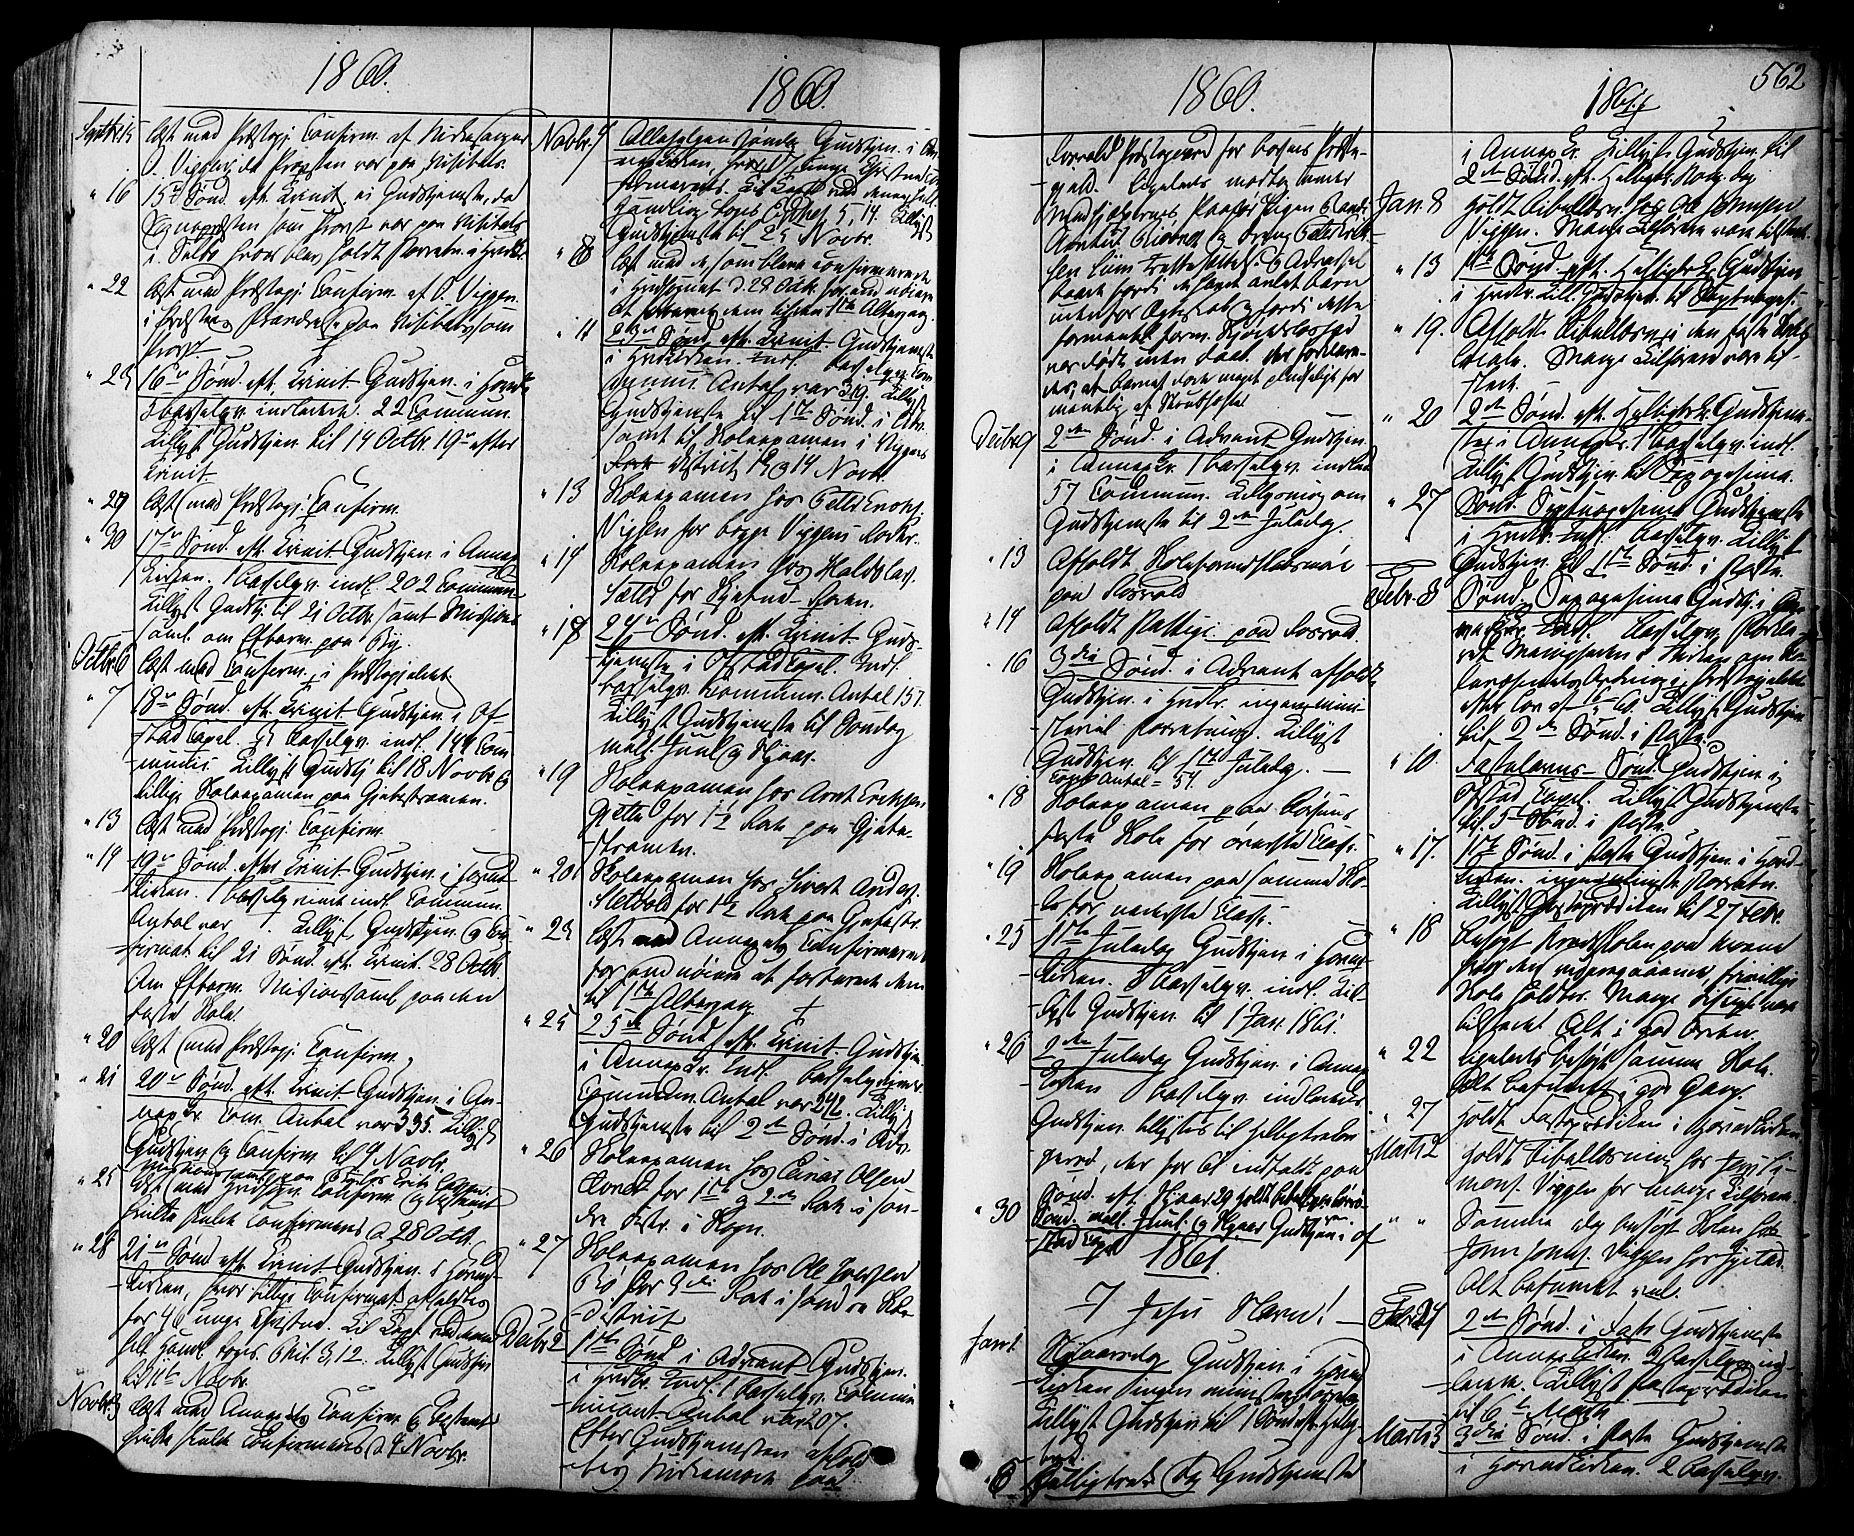 SAT, Ministerialprotokoller, klokkerbøker og fødselsregistre - Sør-Trøndelag, 665/L0772: Ministerialbok nr. 665A07, 1856-1878, s. 562